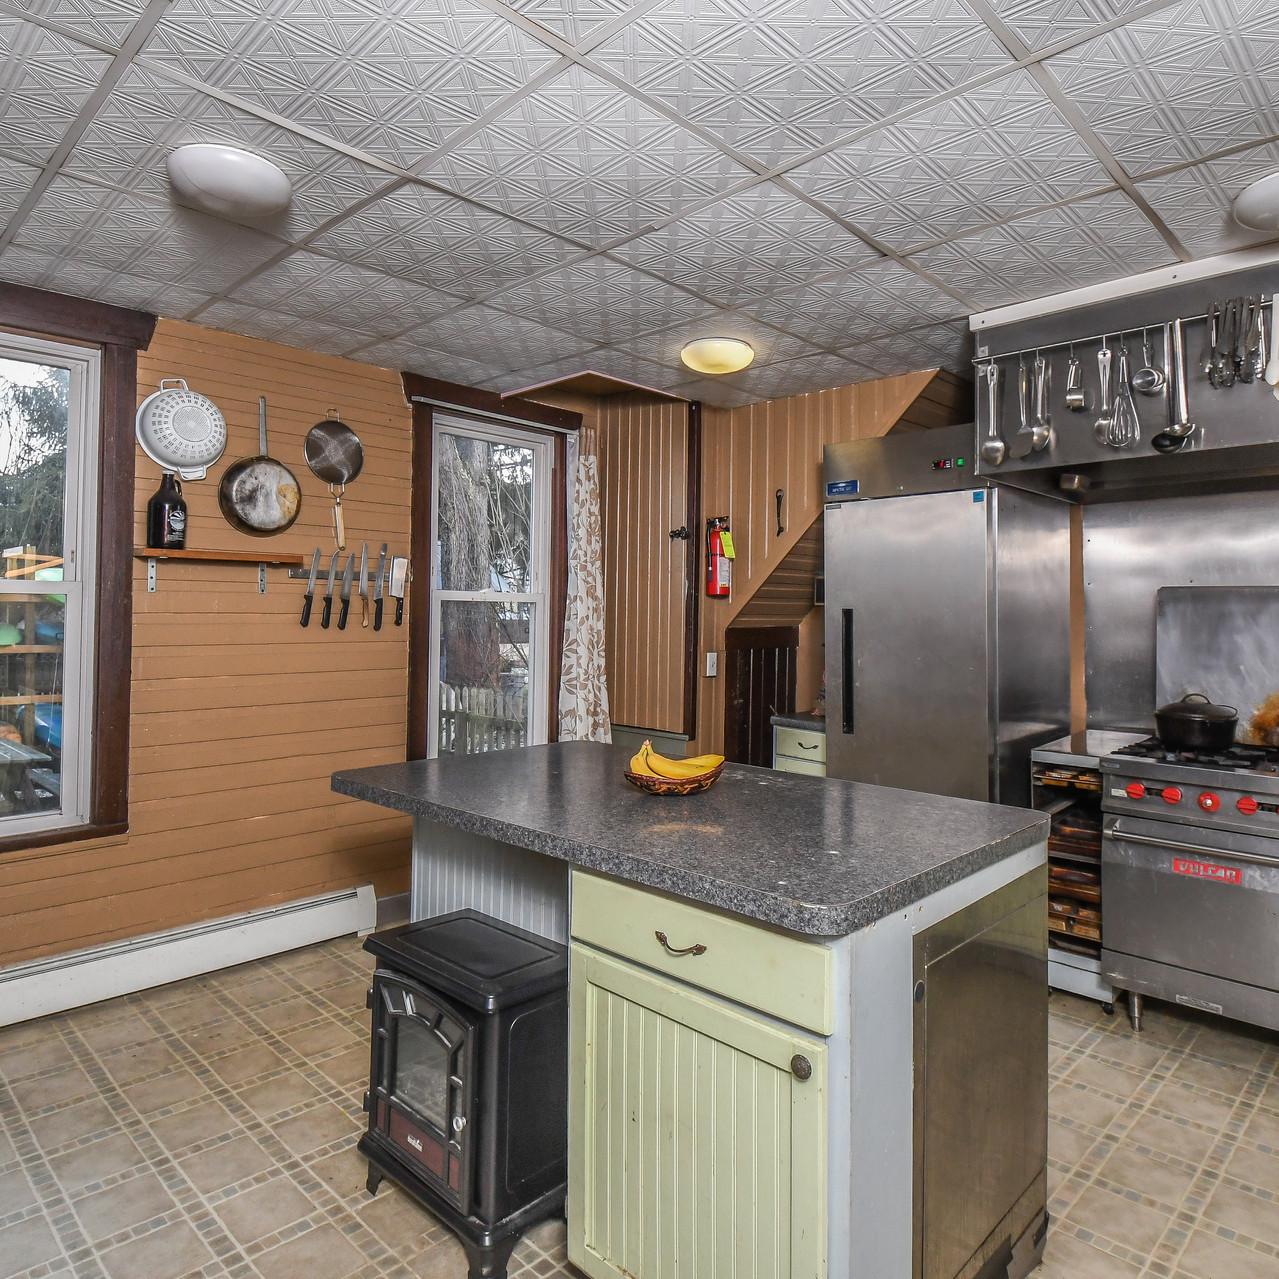 639WATERST_kitchen2-5928-2_realestate